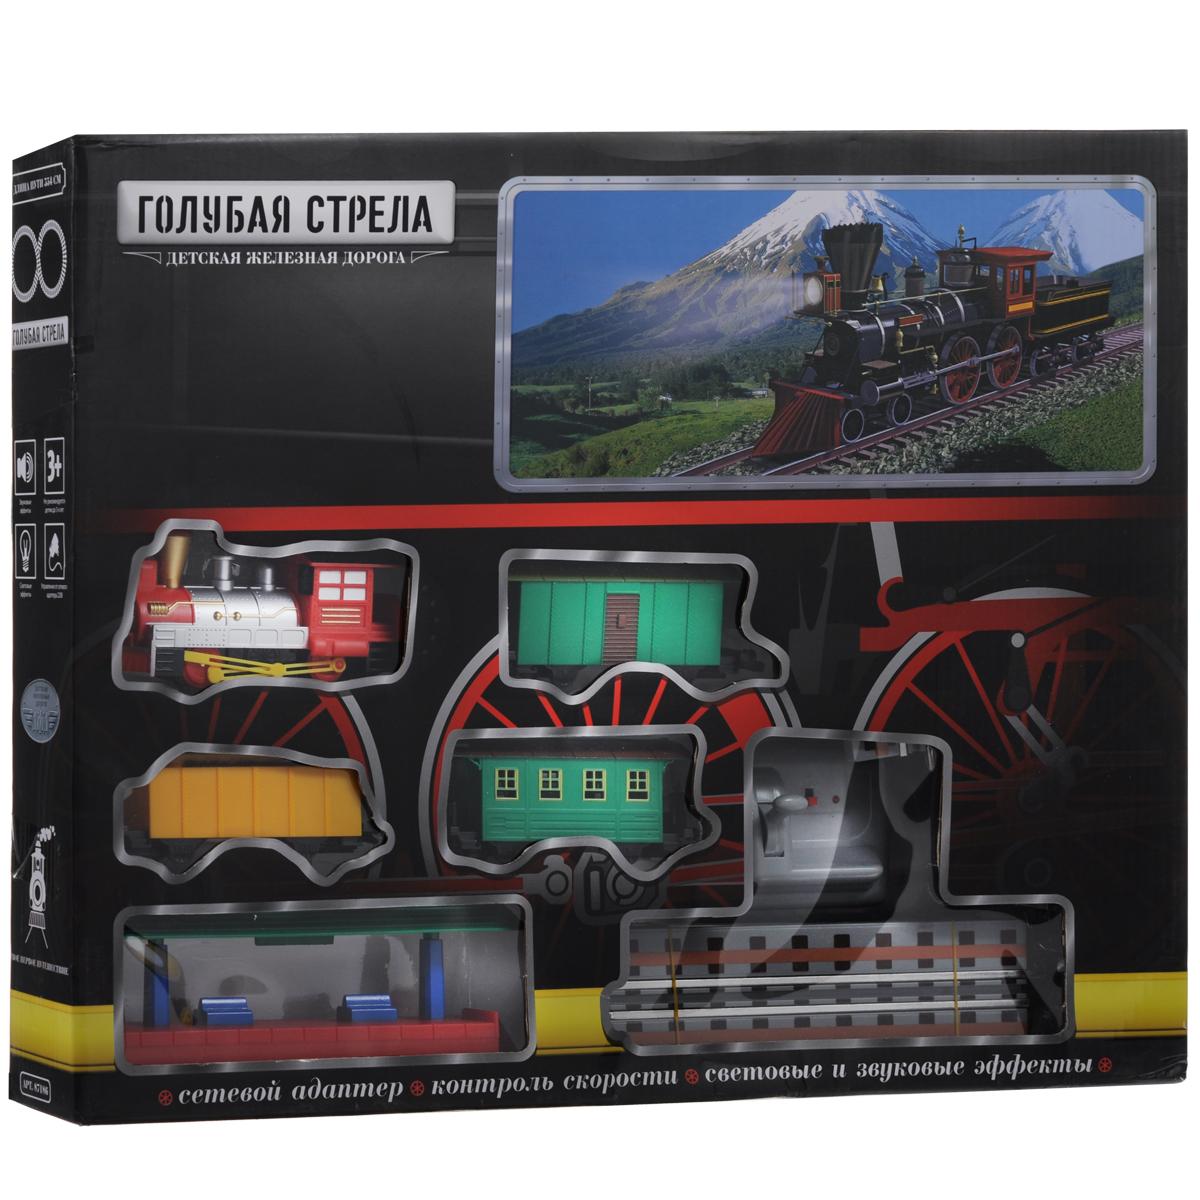 Электрическая железная дорога Голубая стрела. Классик, 85 элементов набор железной дороги на радиоуправлении голубая стрела классик 87186